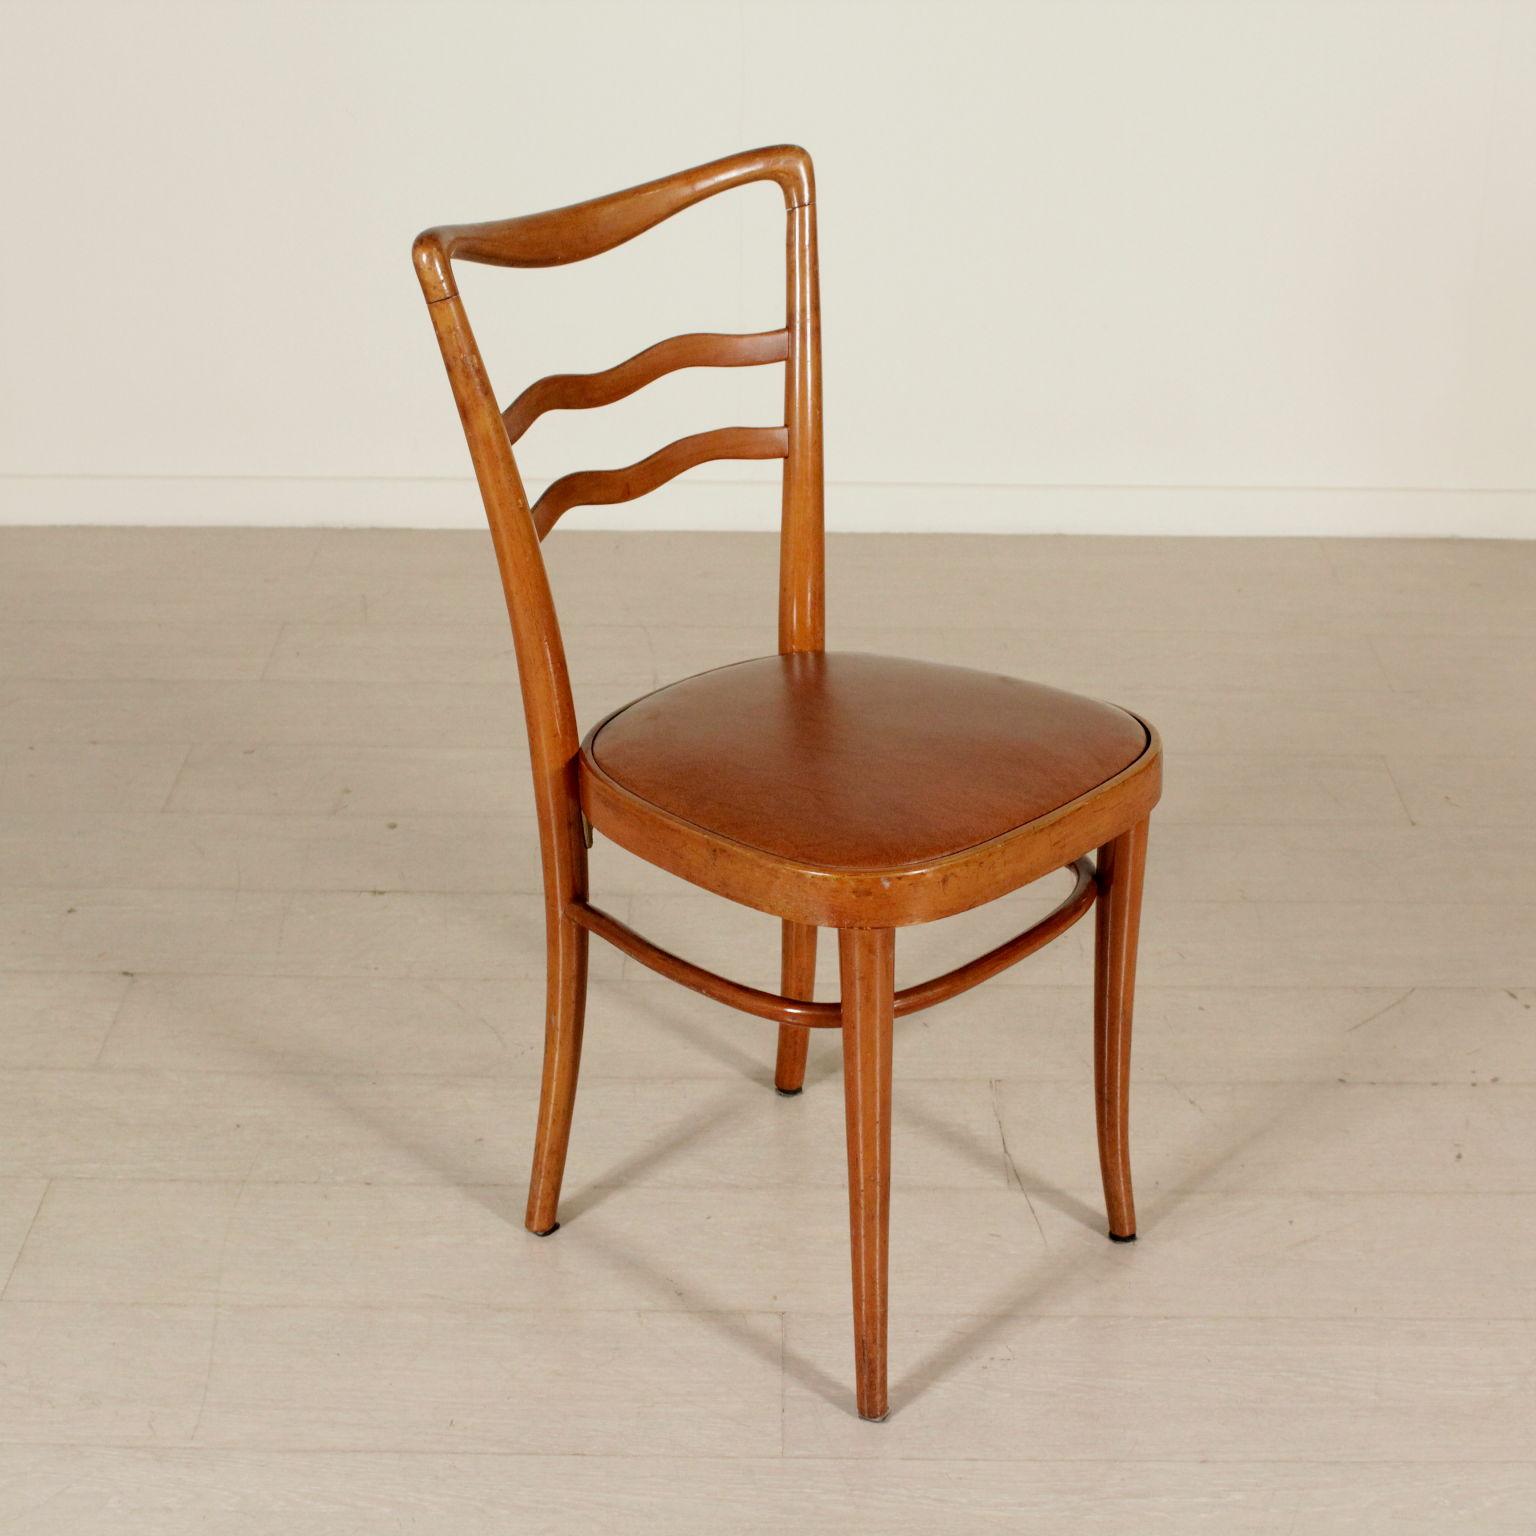 Cheap sedie anni with sedie anni 50 - Sedie design anni 50 ...